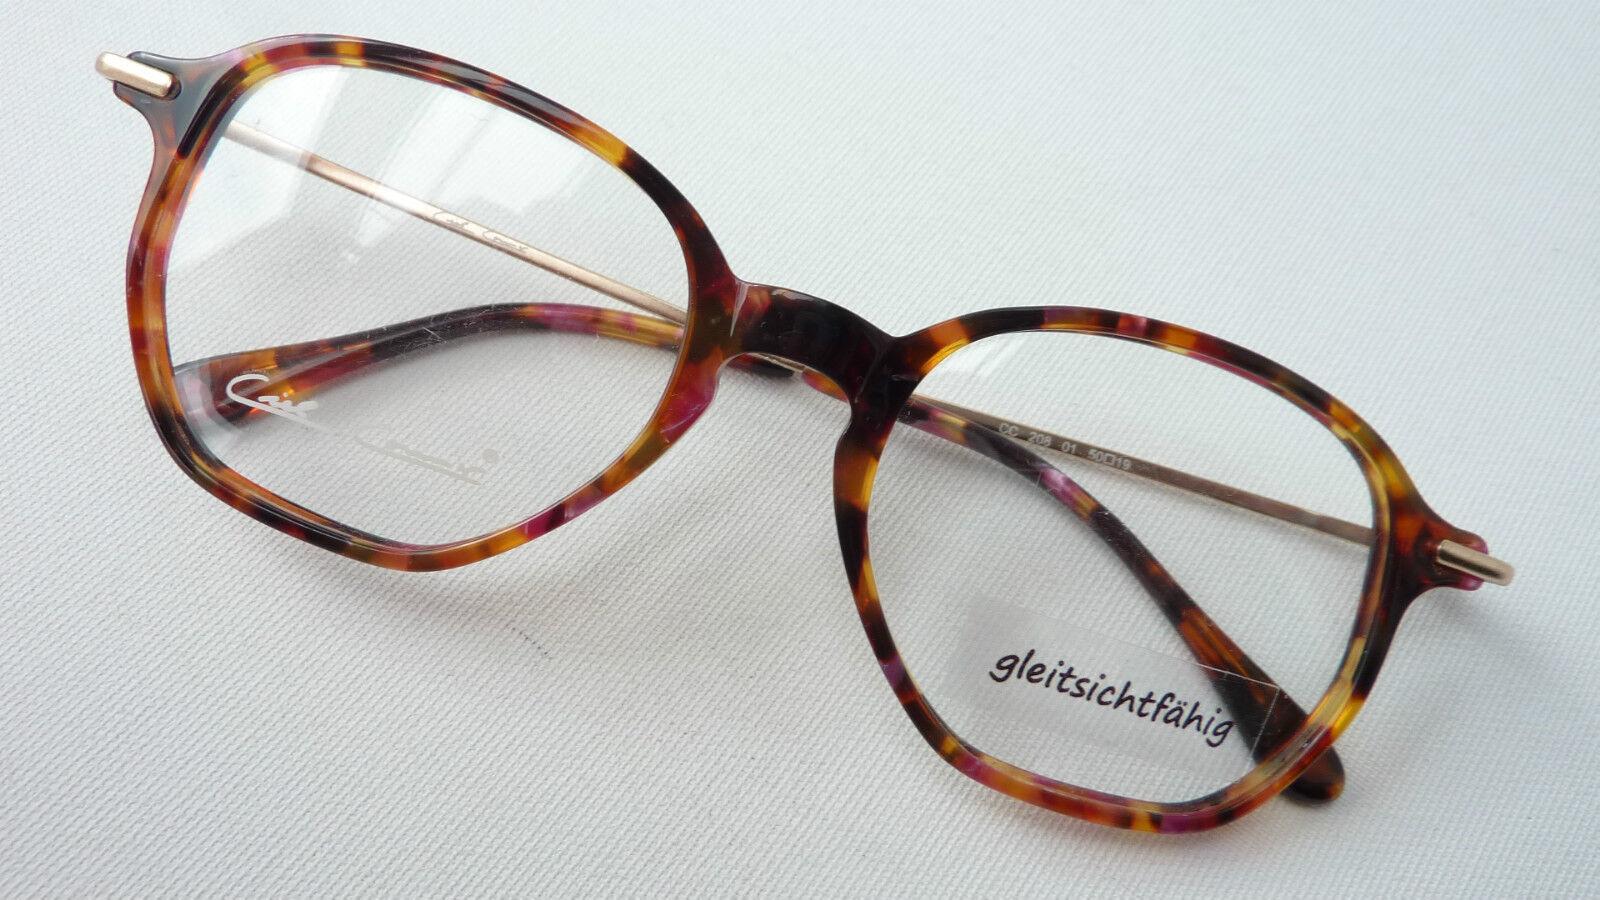 Brille klassische Brillenfassung Pantobrille braun marmoriert Gestell Grösse L | | | Starker Wert  dbd6aa